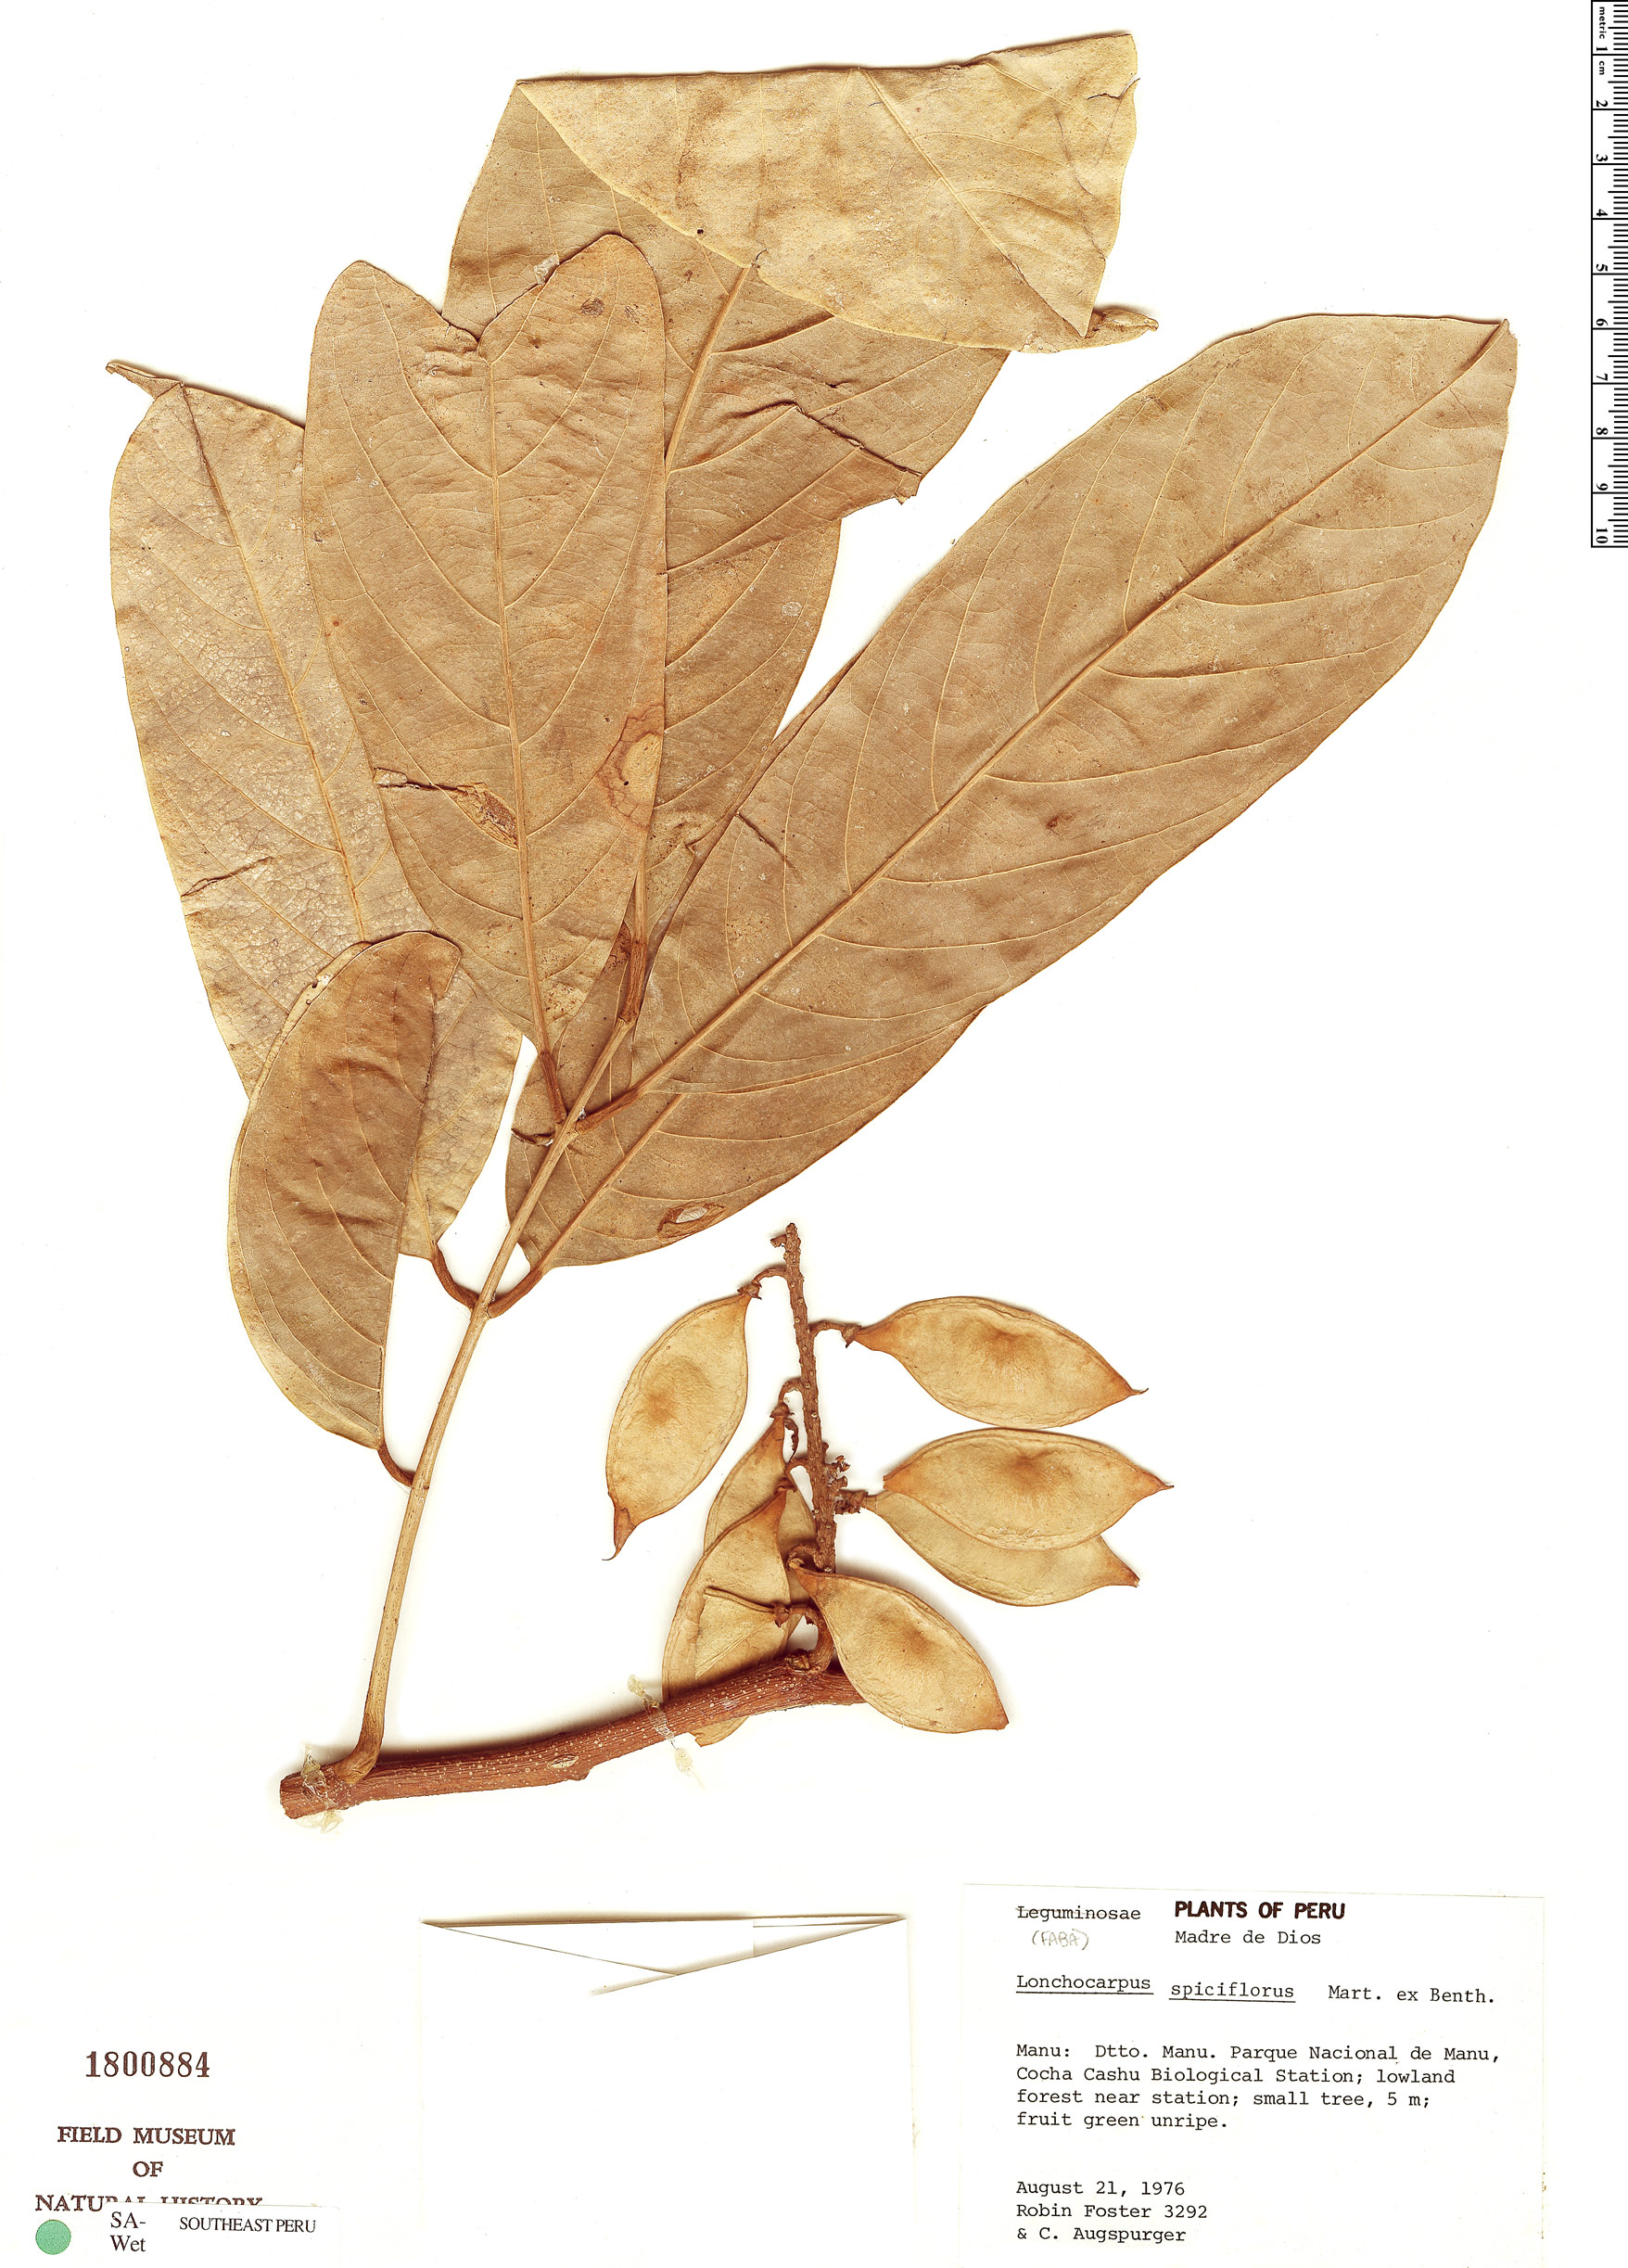 Specimen: Lonchocarpus spiciflorus